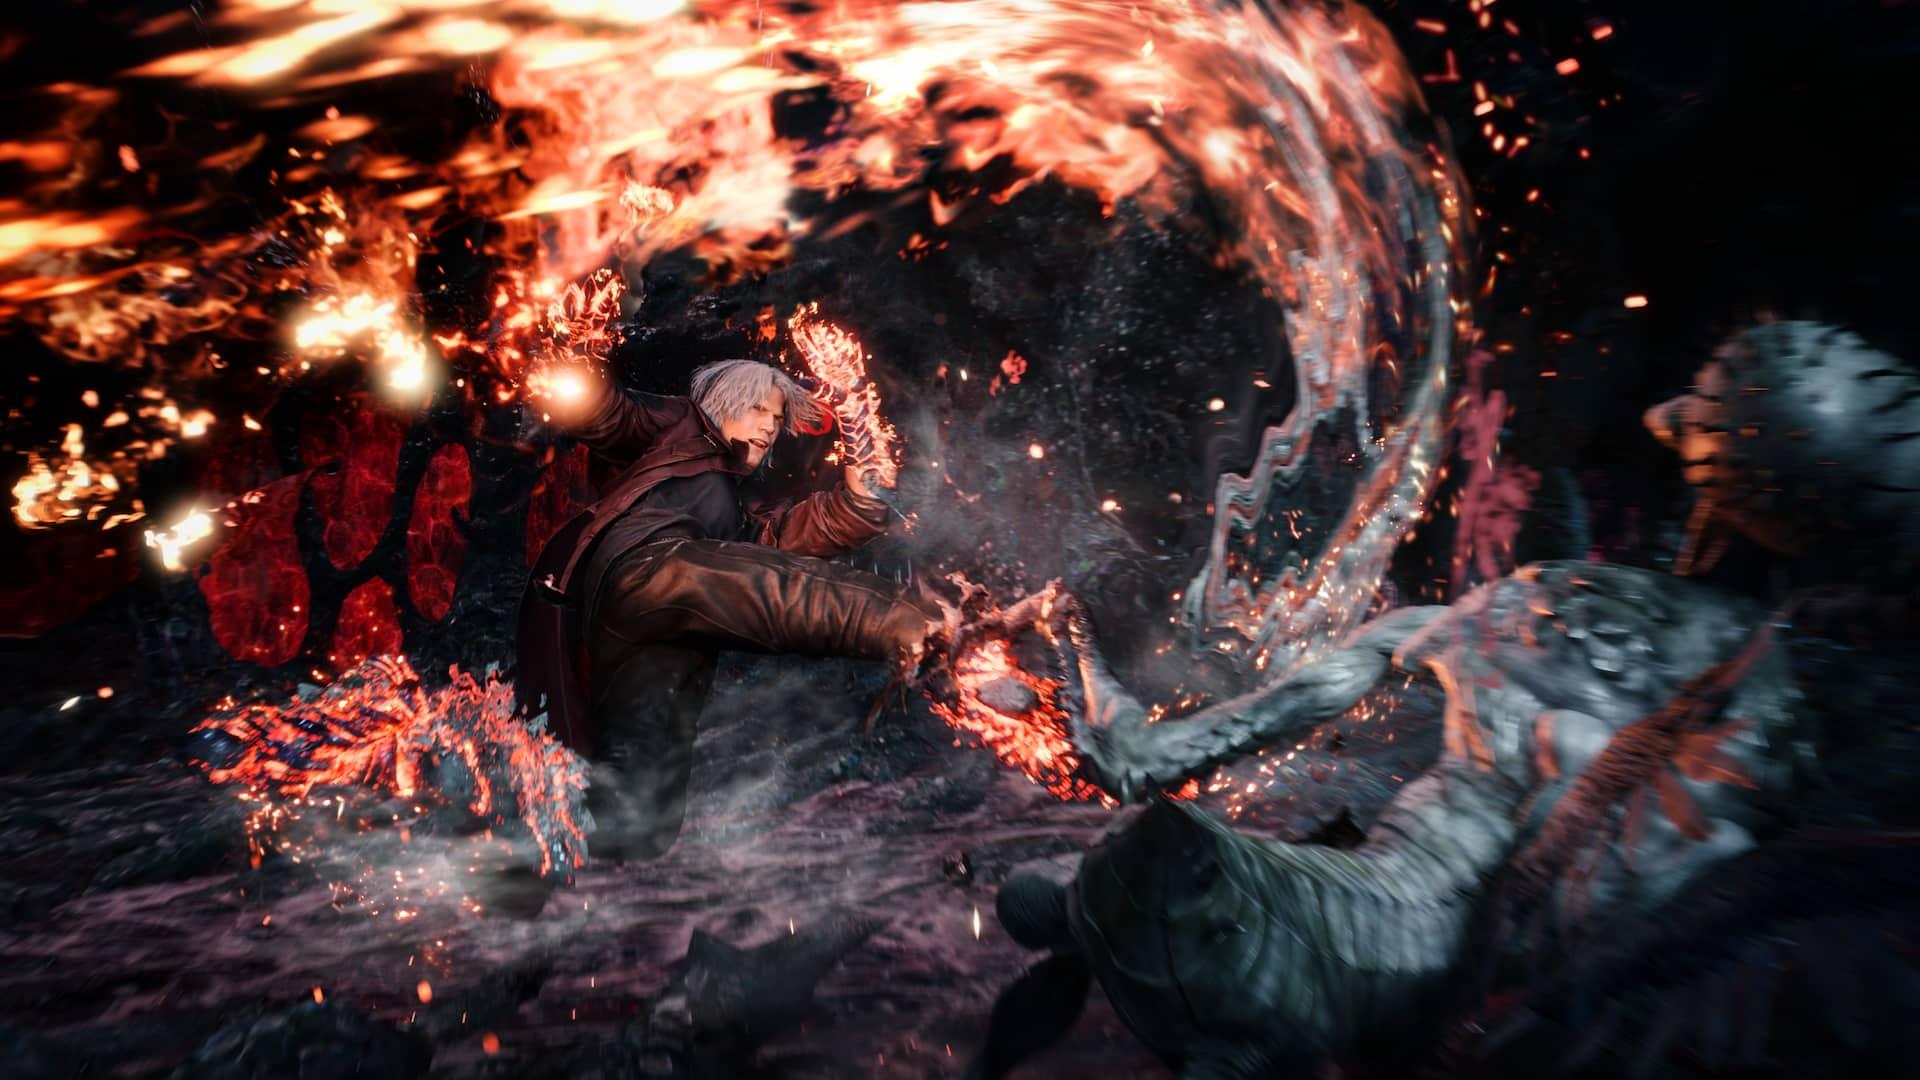 Dante lutando com a Balrog em Devil May Cry 5. Fonte: Capcom / Divulgação